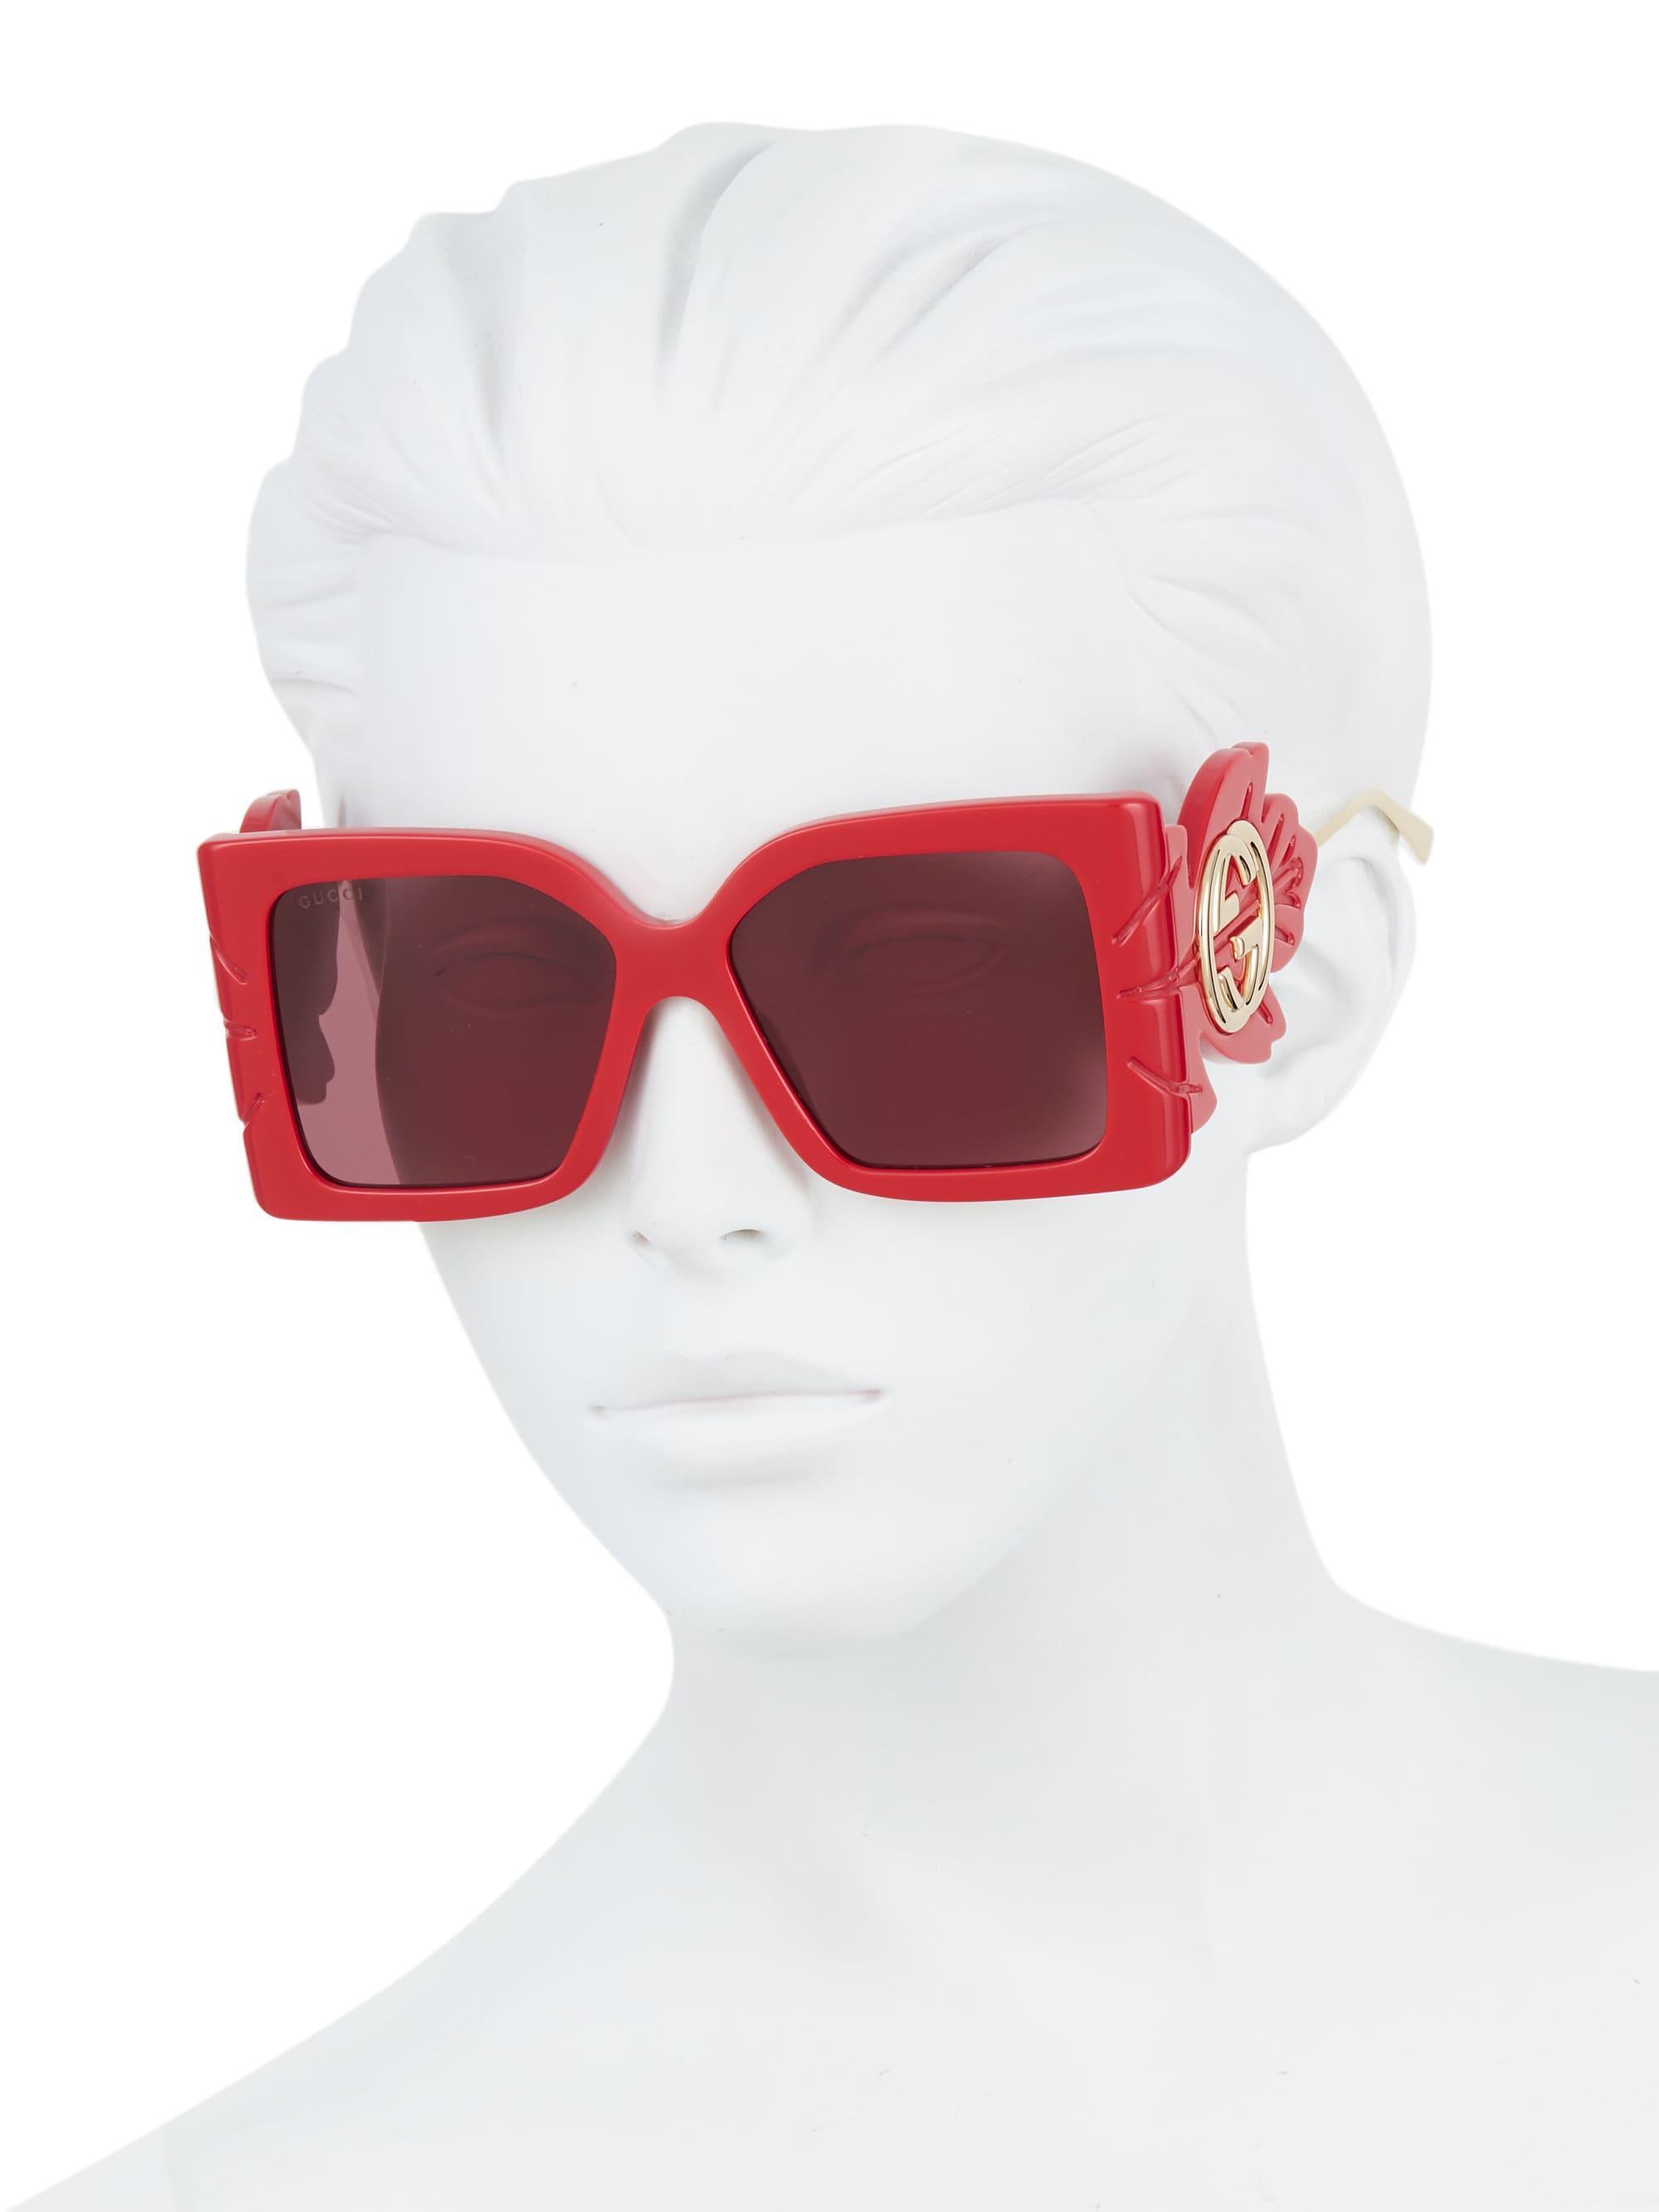 f9b3bdf9f23f6 Lyst - Gucci GG0535S-005 Square Wing Sunglasses in Red